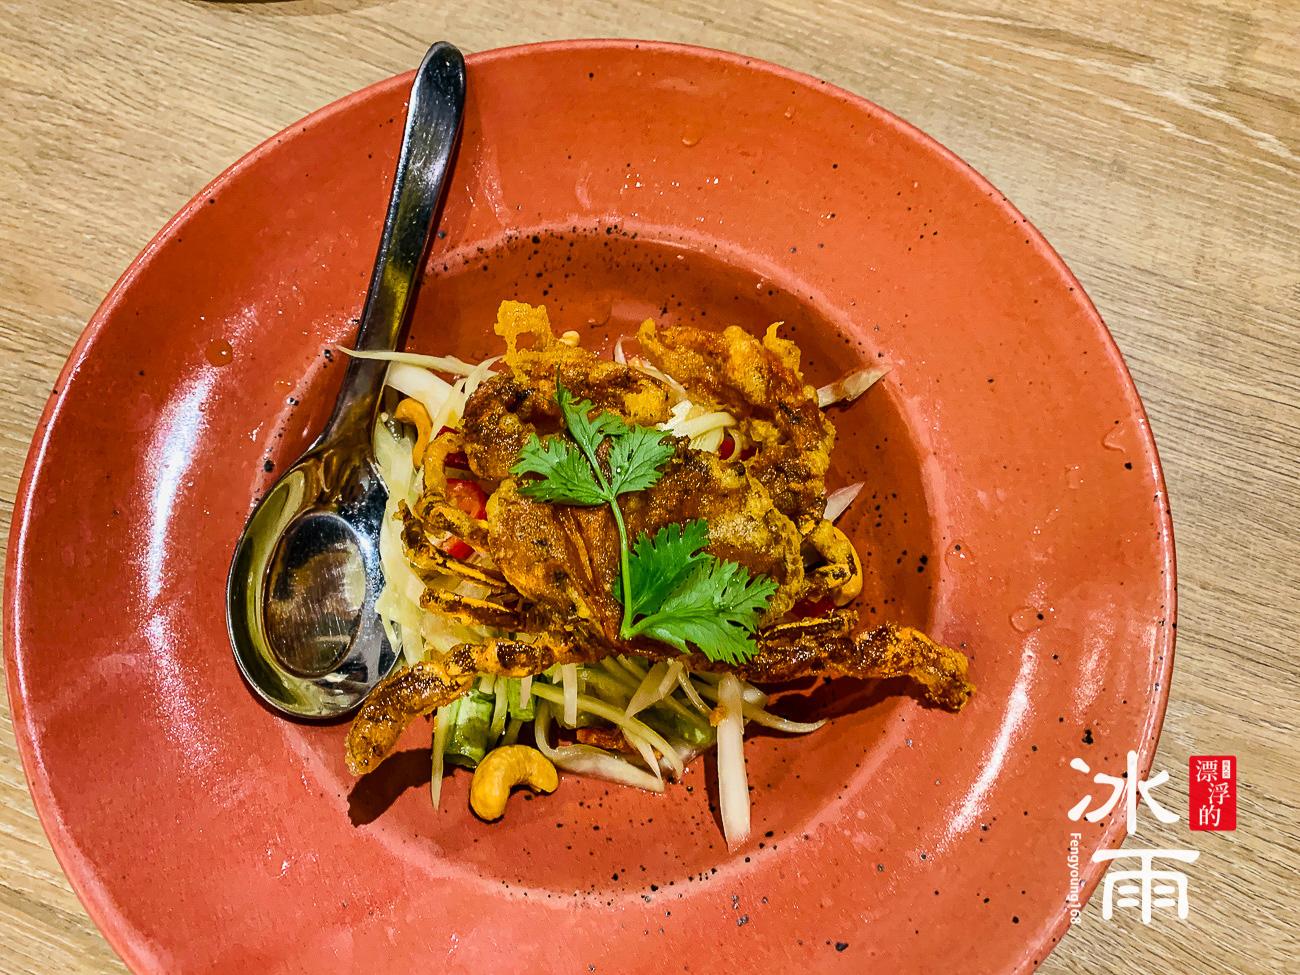 軟殼蟹沙拉,口味真的很獨特,螃蟹也非常軟